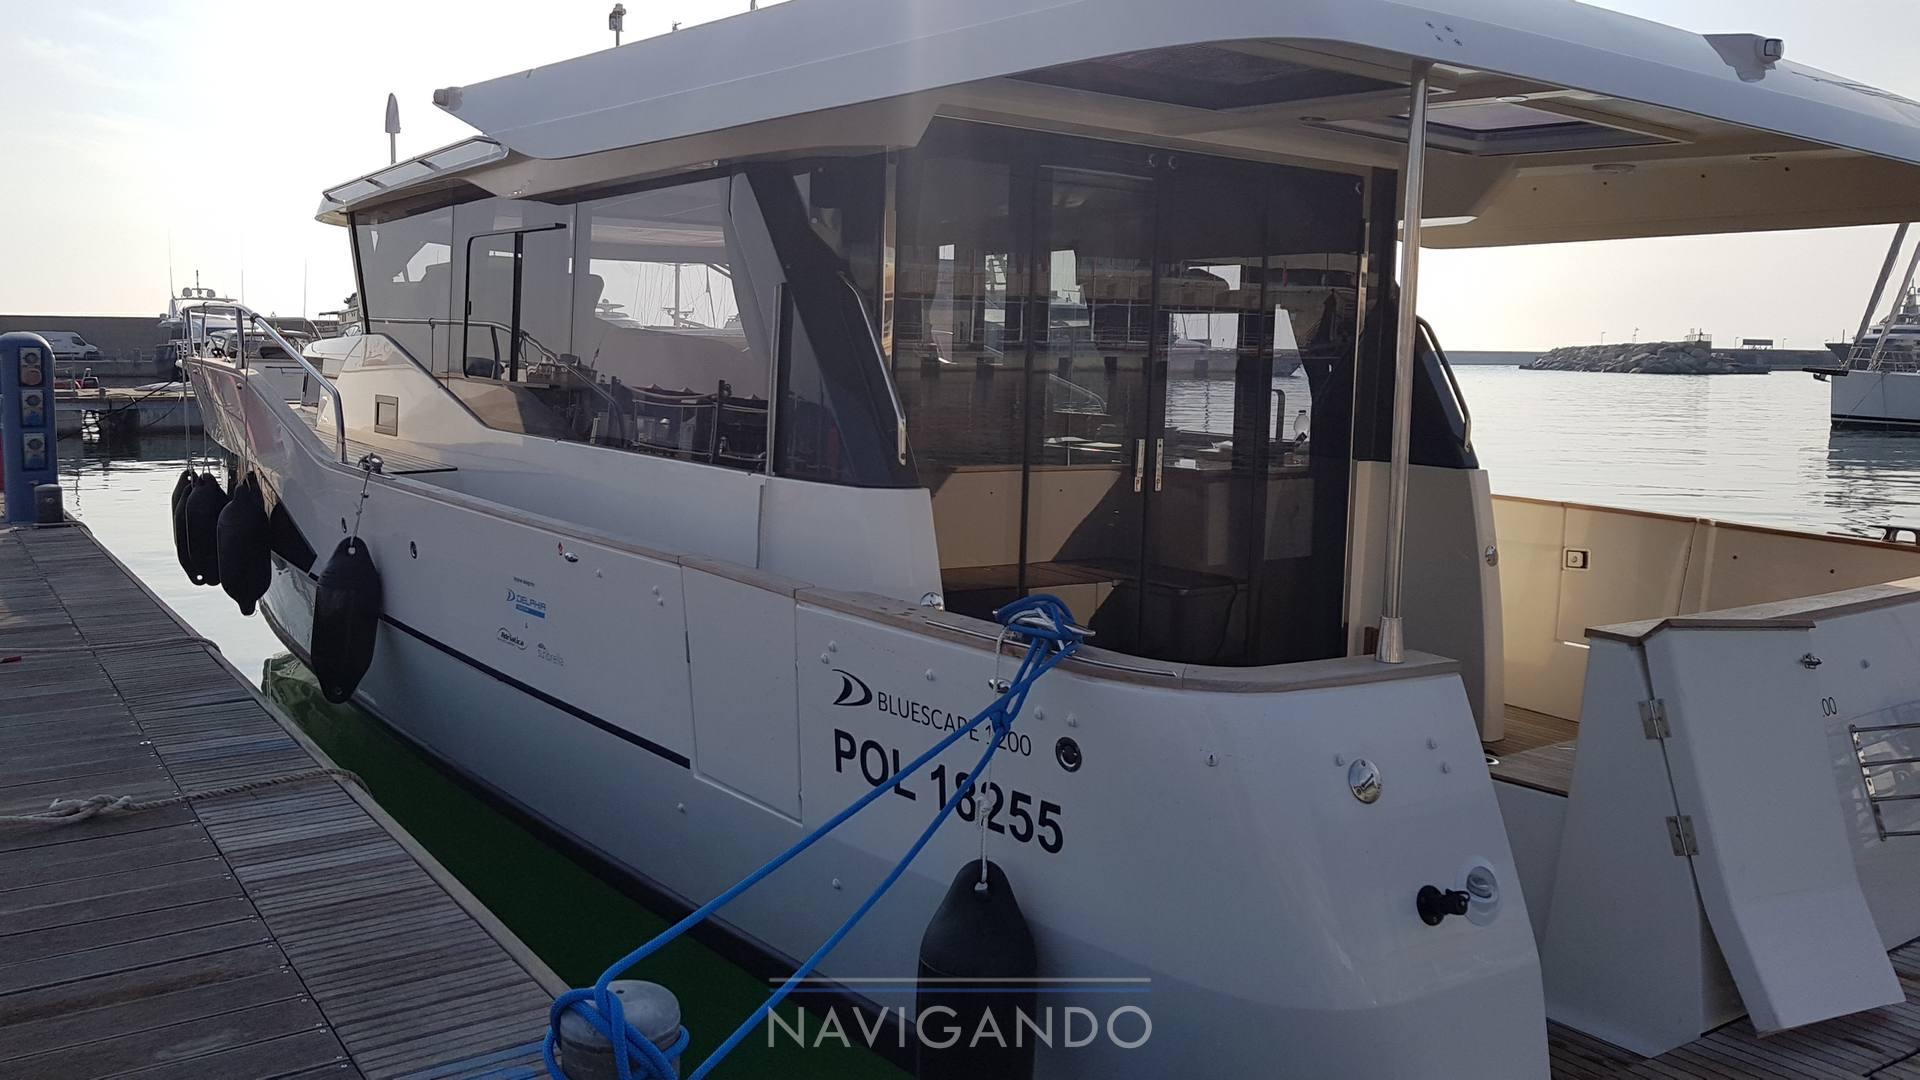 Delphia Bluescape 1200 Trawler